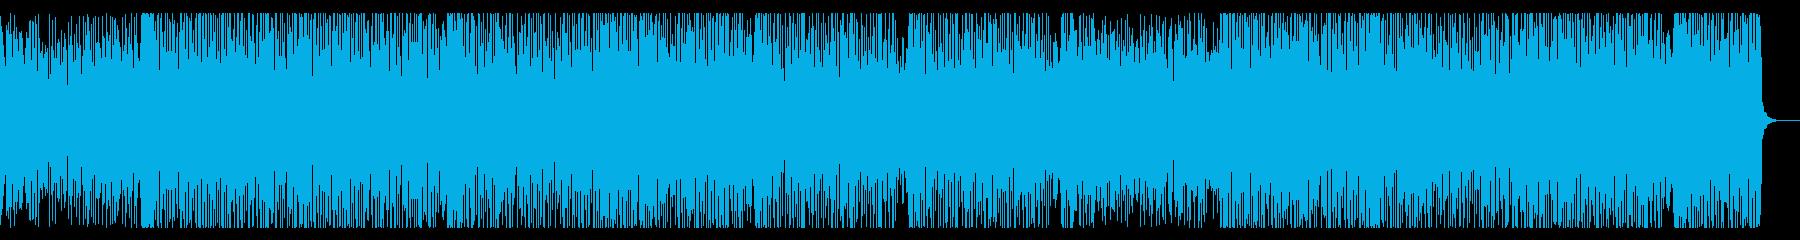 80年代海外TVシリーズ風シンセBGMの再生済みの波形